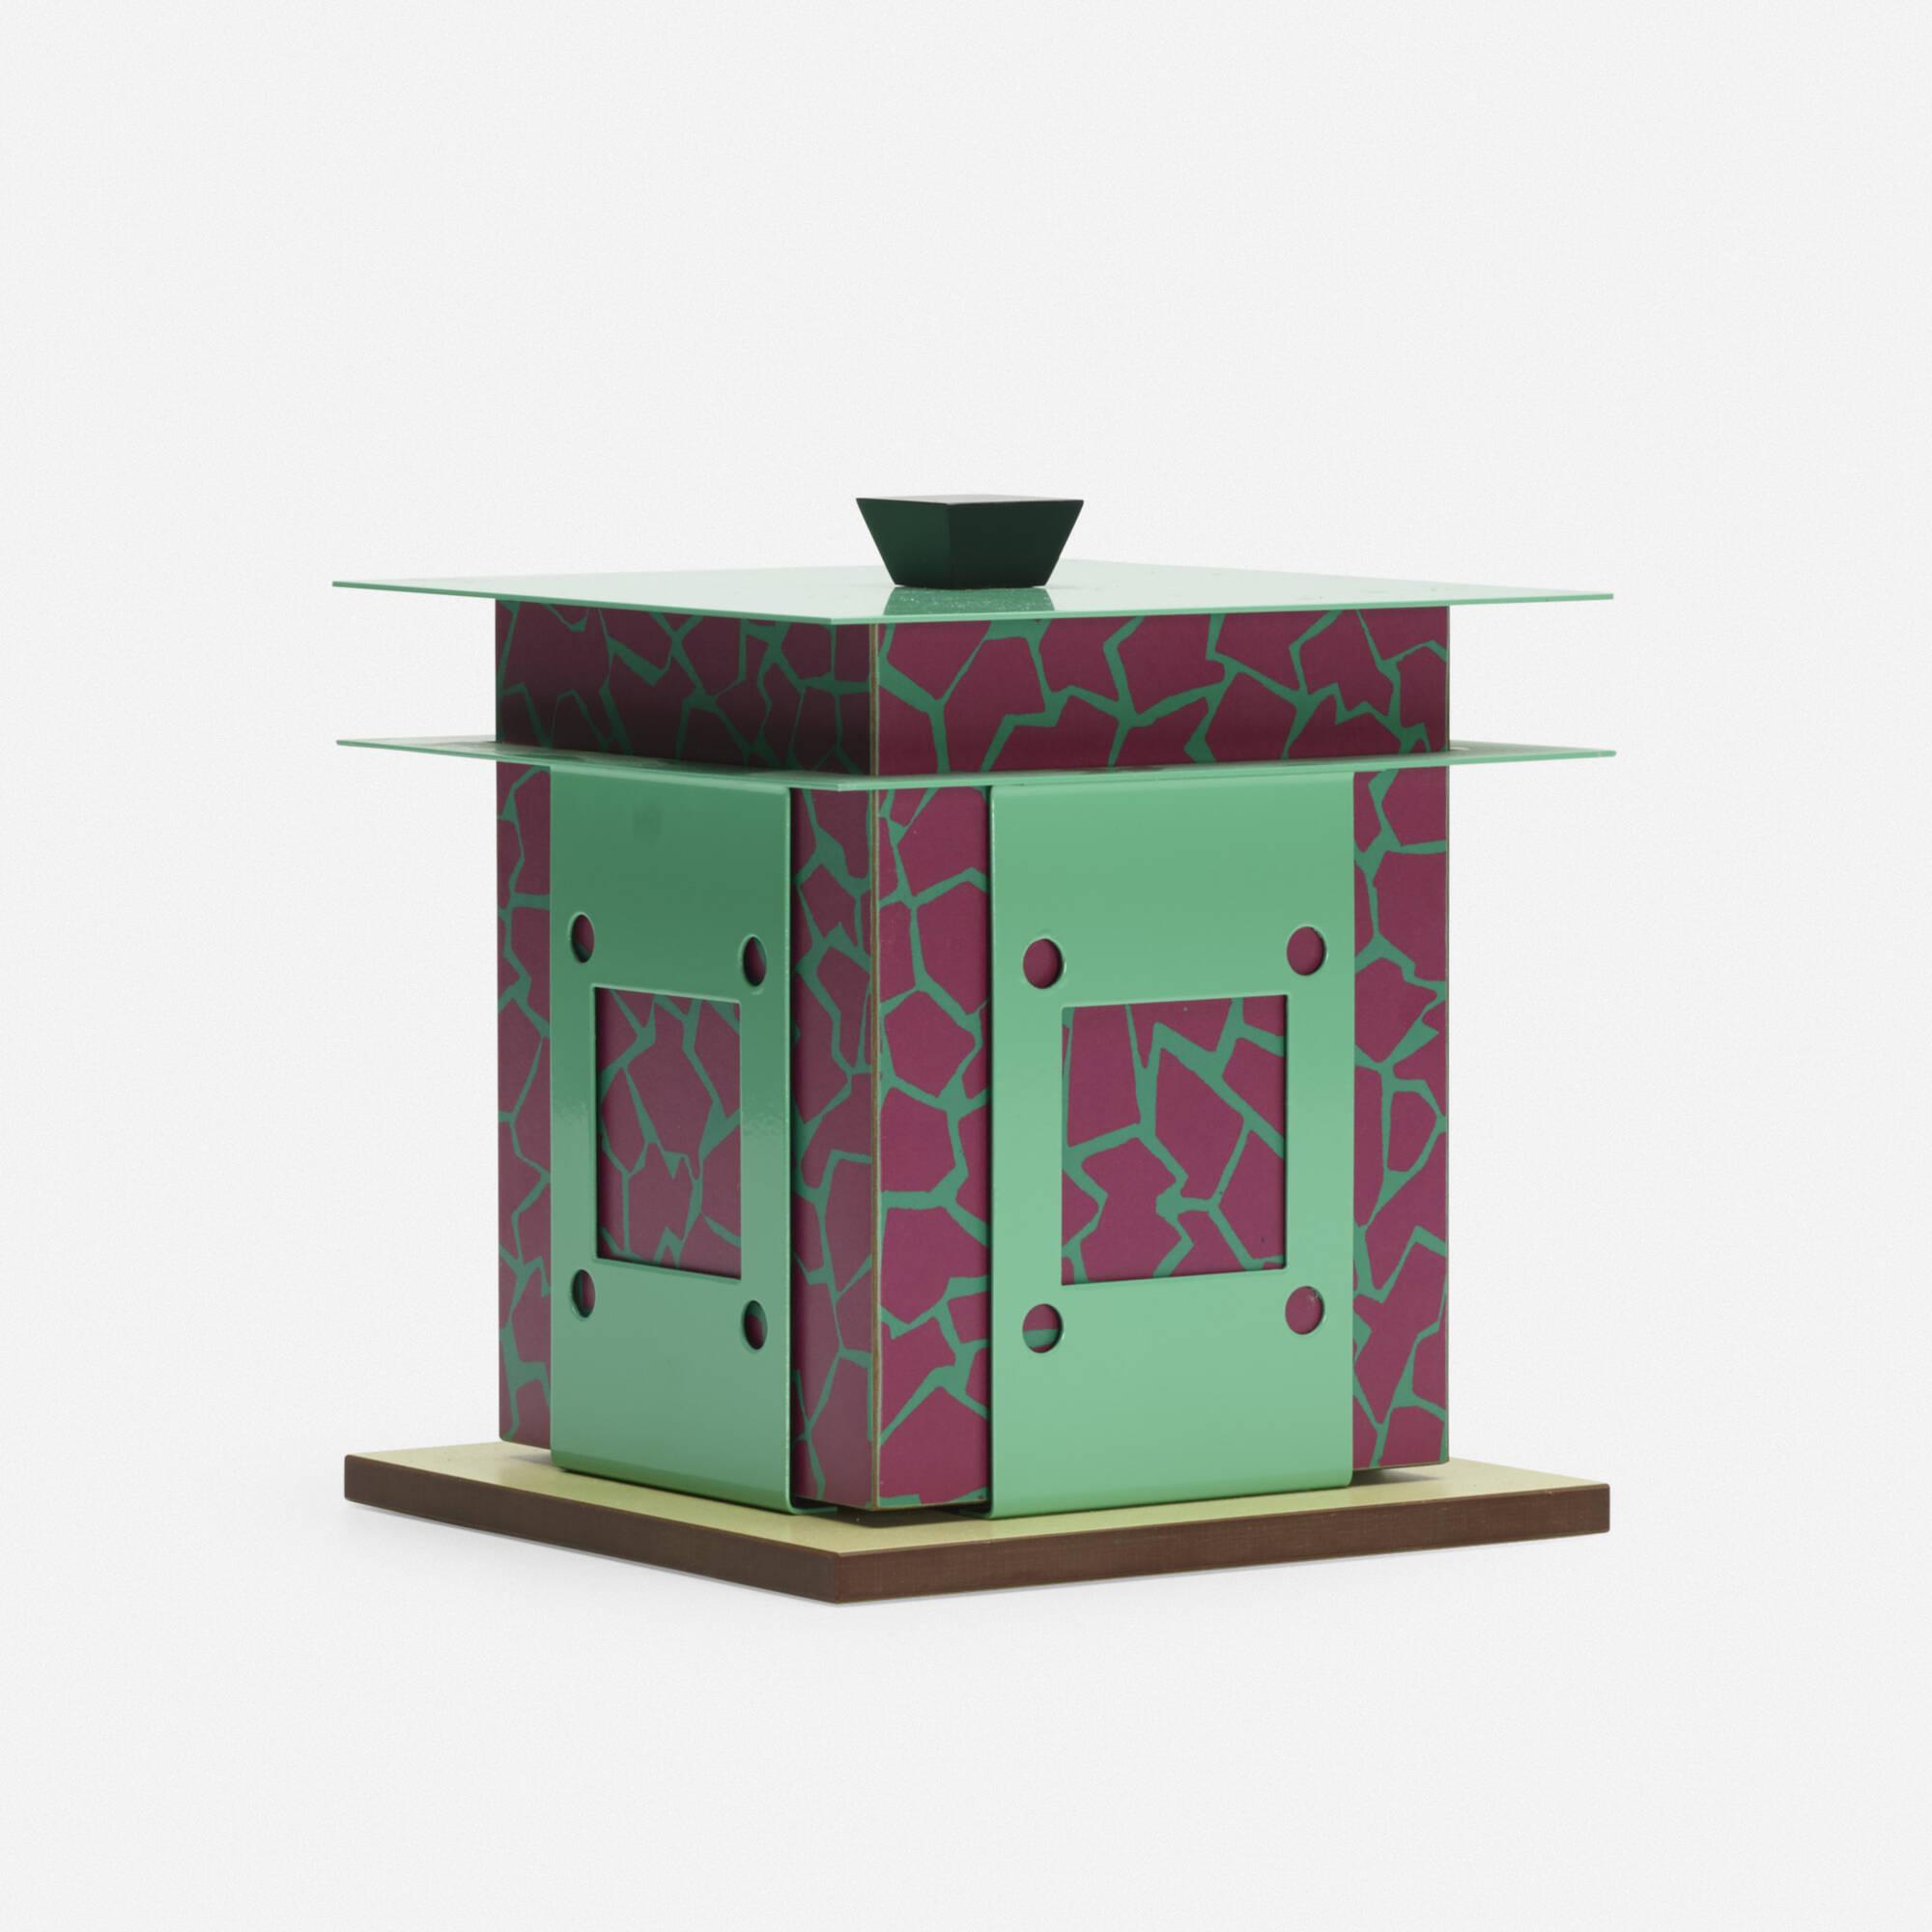 300: Nathalie Du Pasquier / Esperance Box (1 of 2)